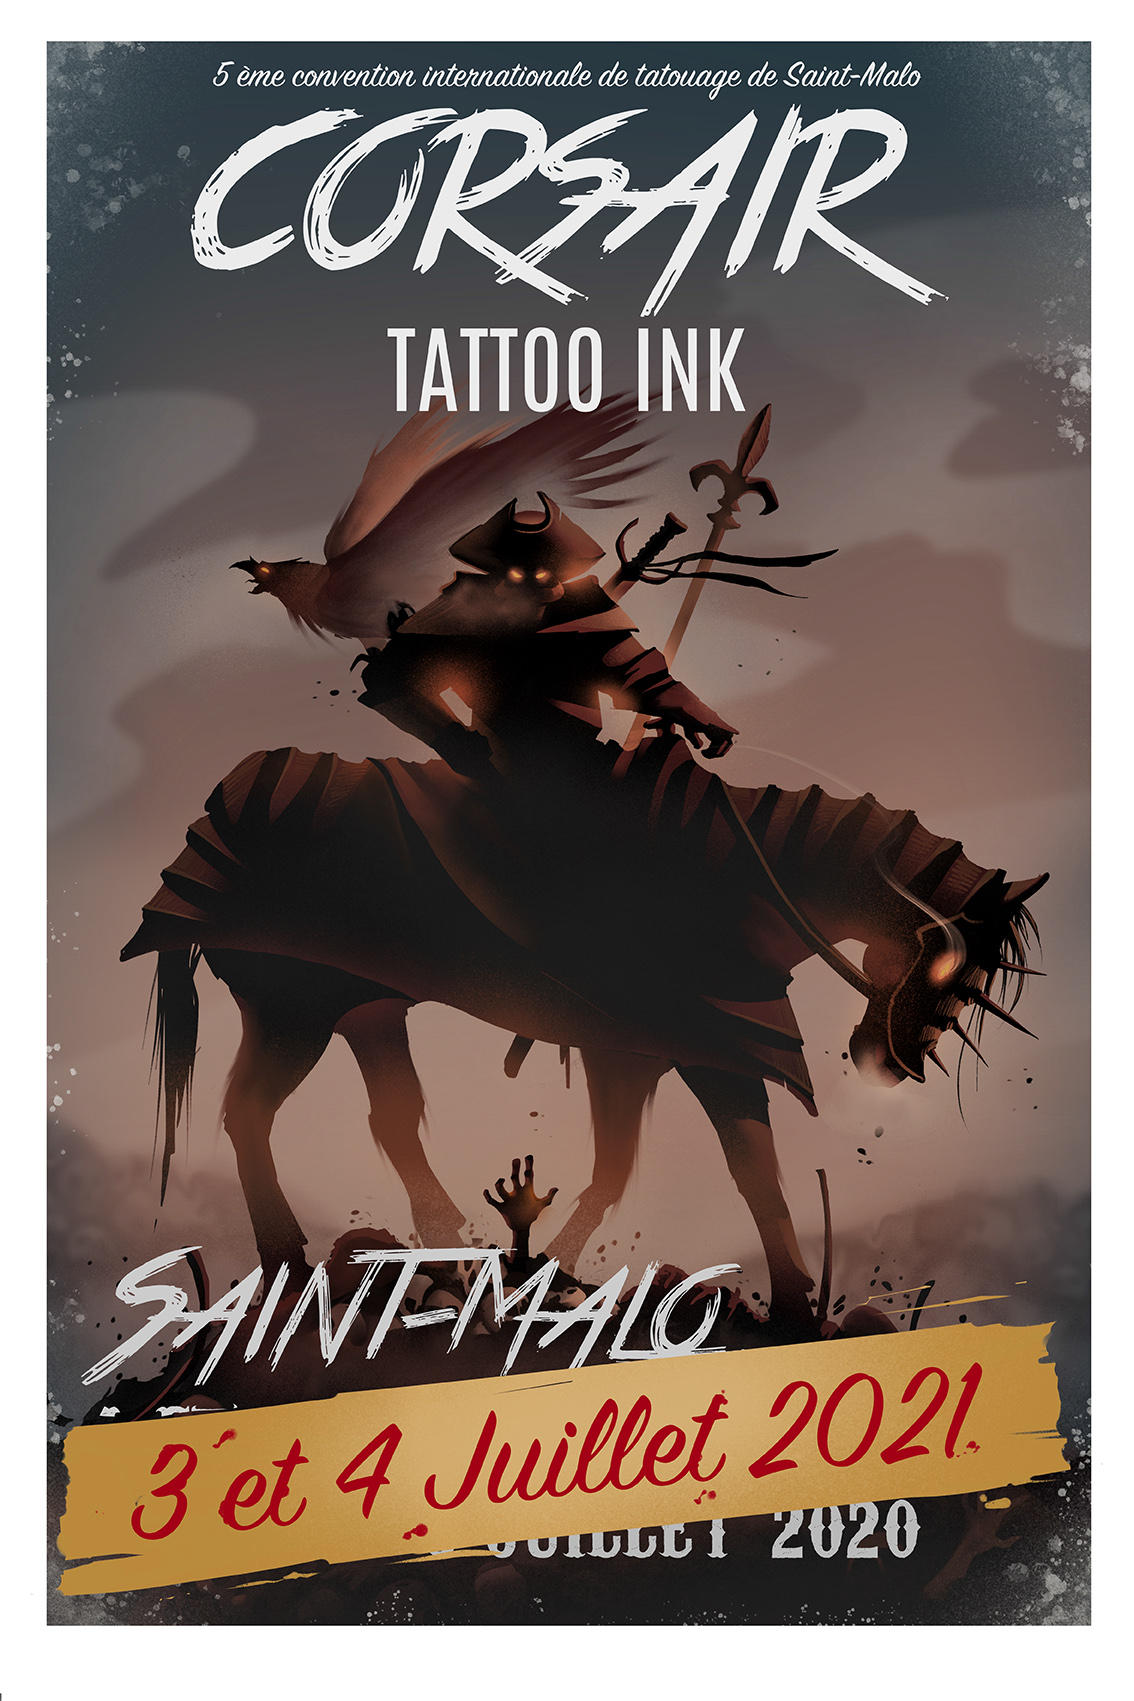 Corsair Tattoo Ink 2021 : découvrez l'affiche officielle !